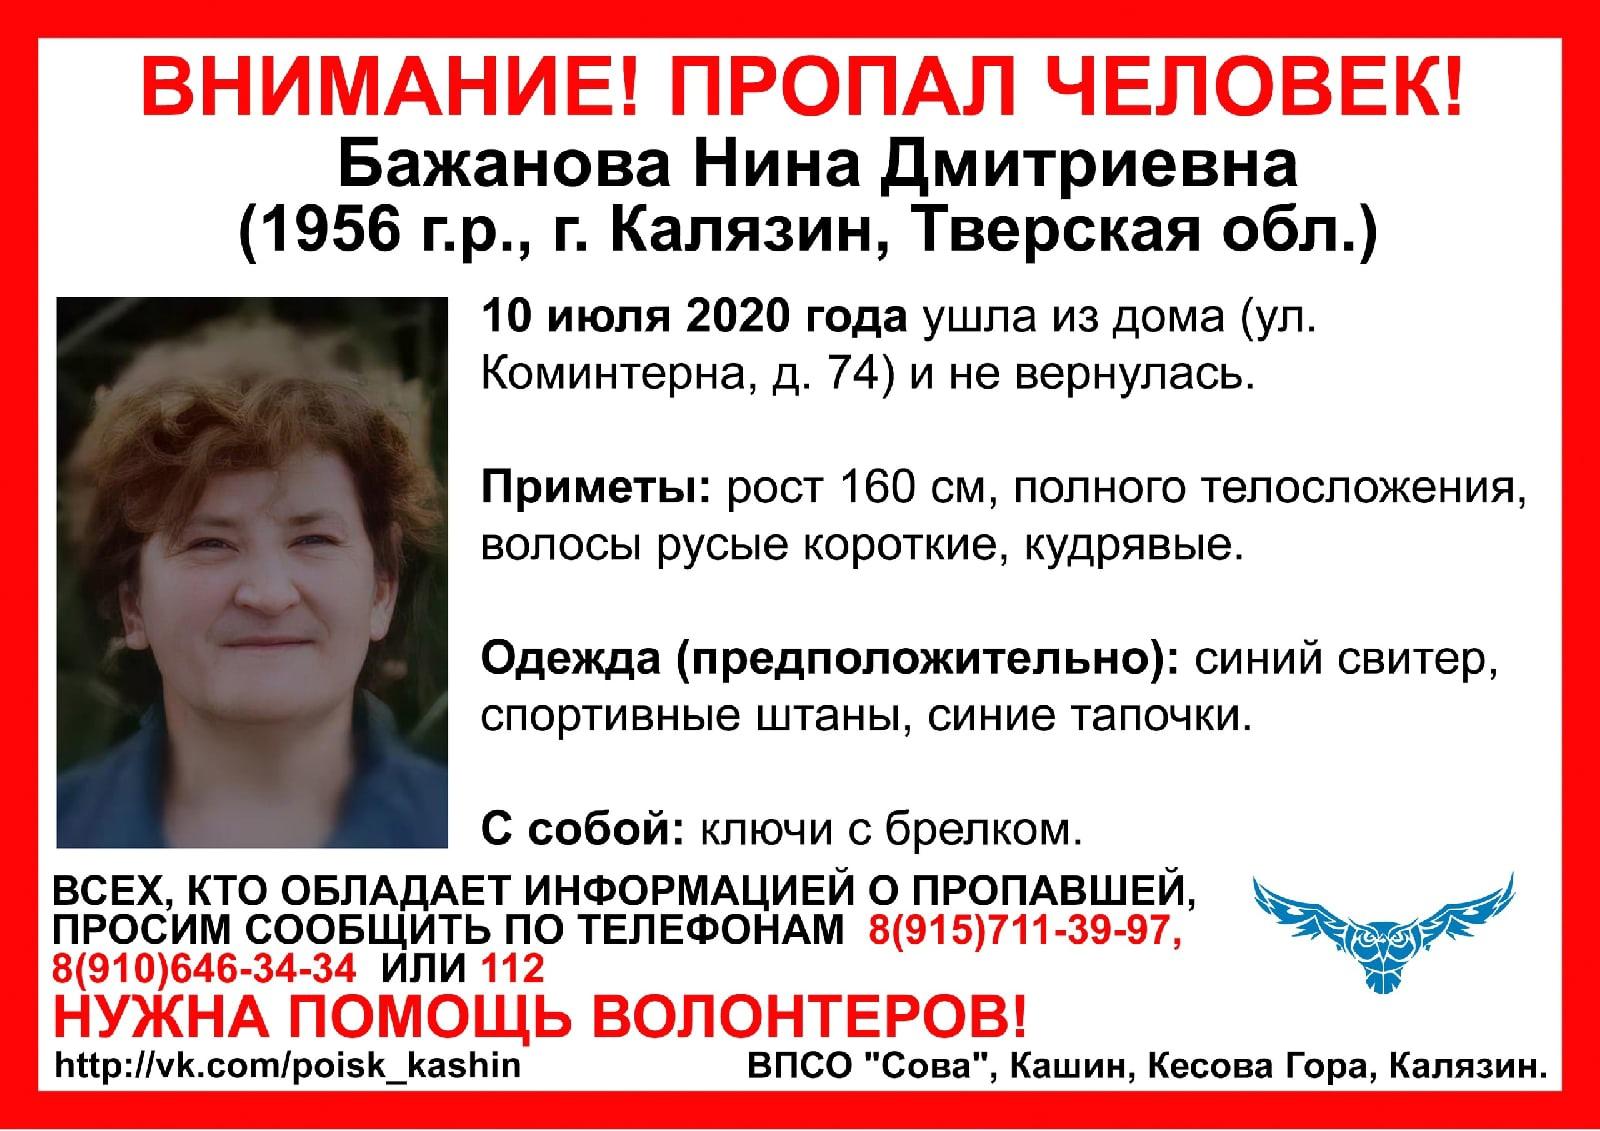 Женщину в синих тапочках не могут найти в Тверской области